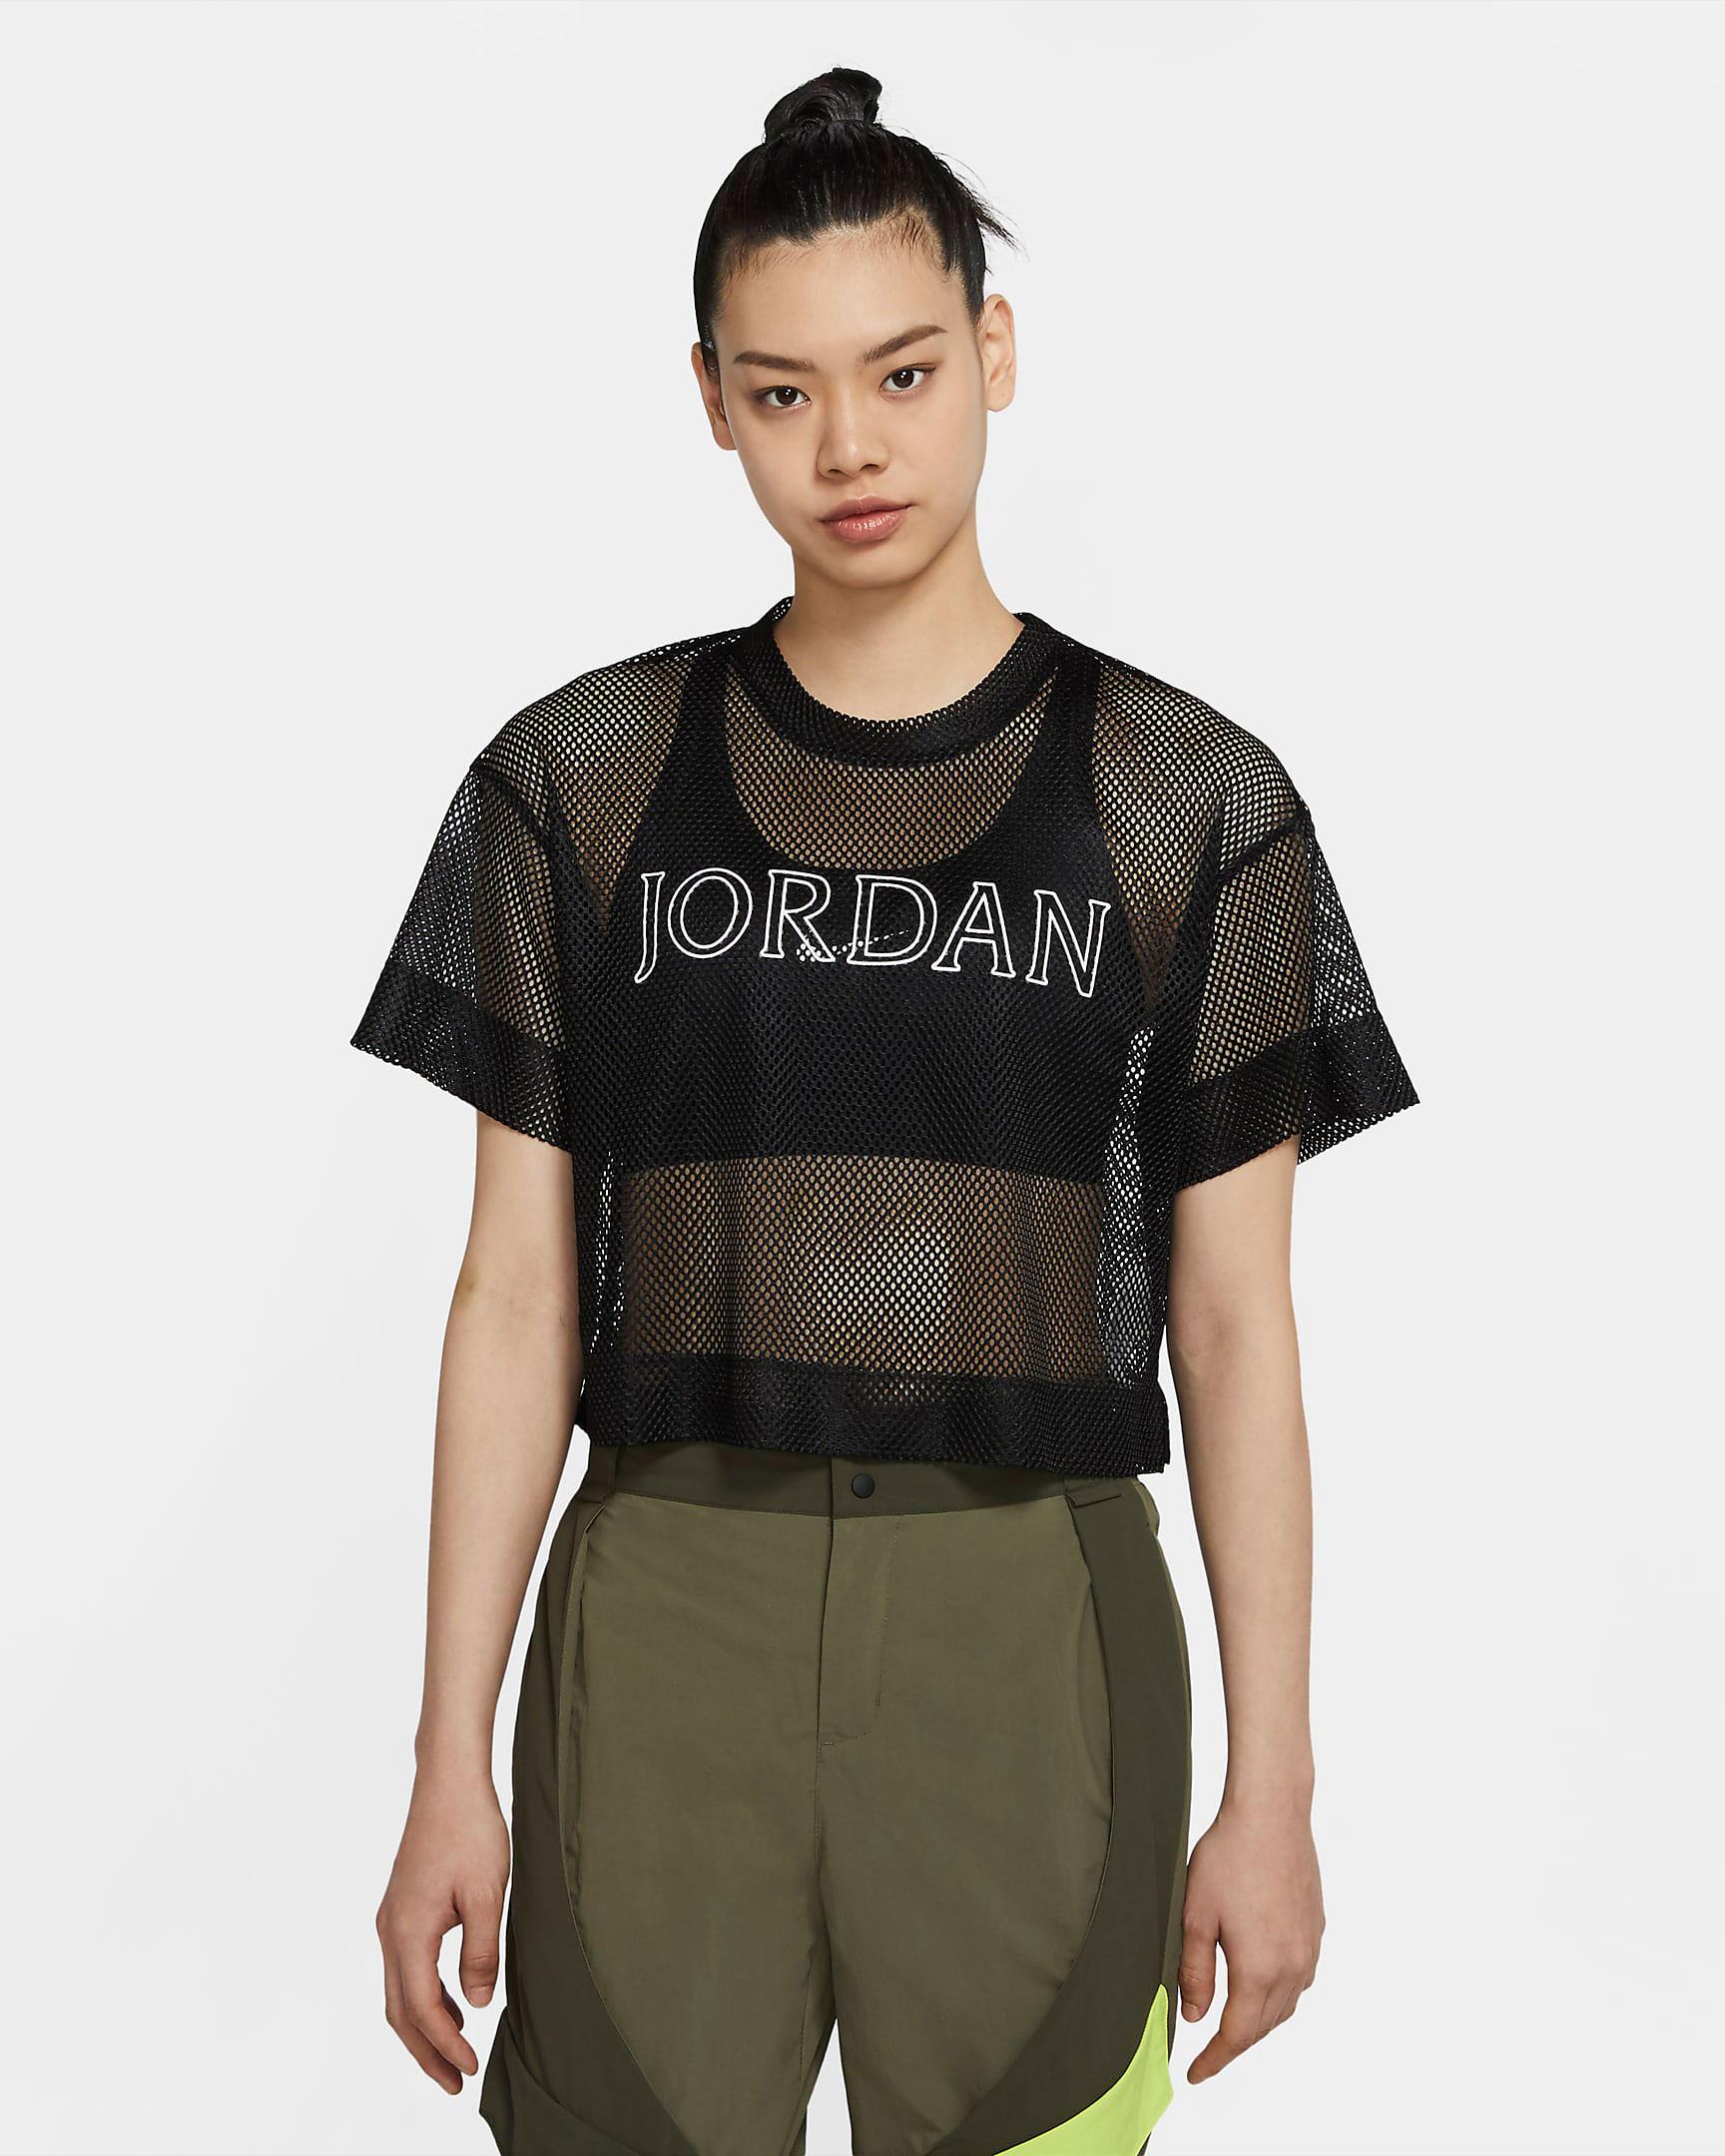 jordan-womens-utility-mesh-top